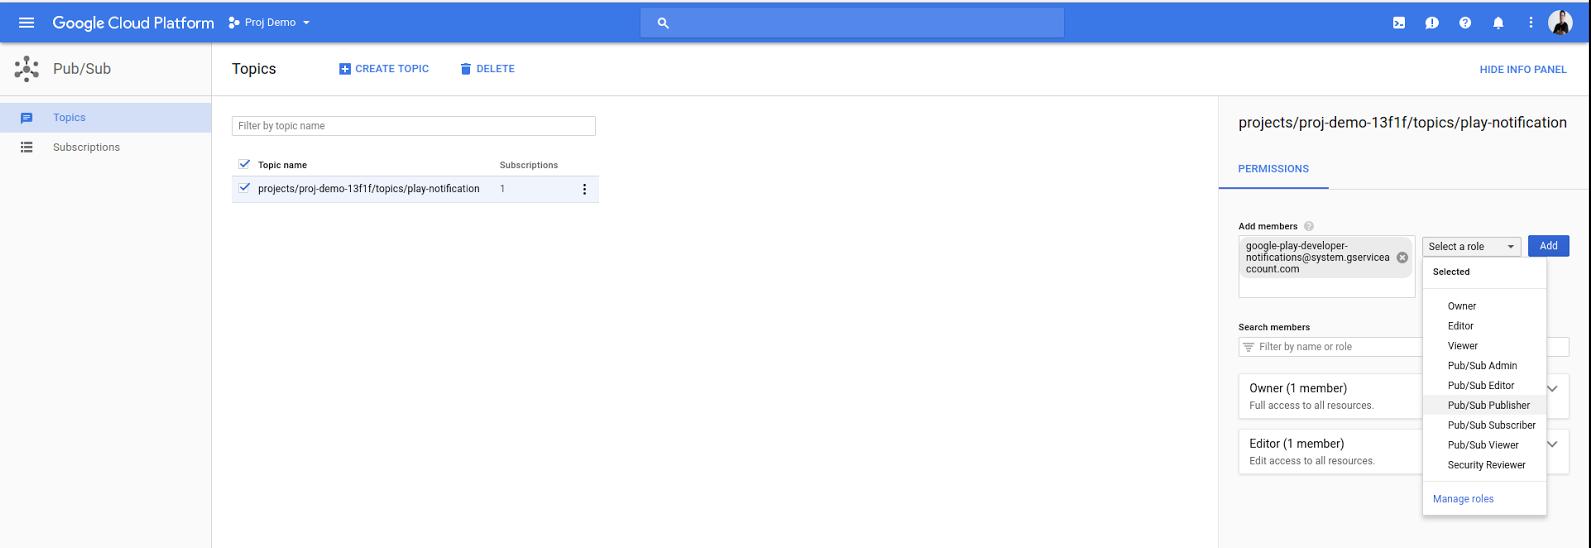 menambahkan akun layanan google play sebagai pub/sub publisher